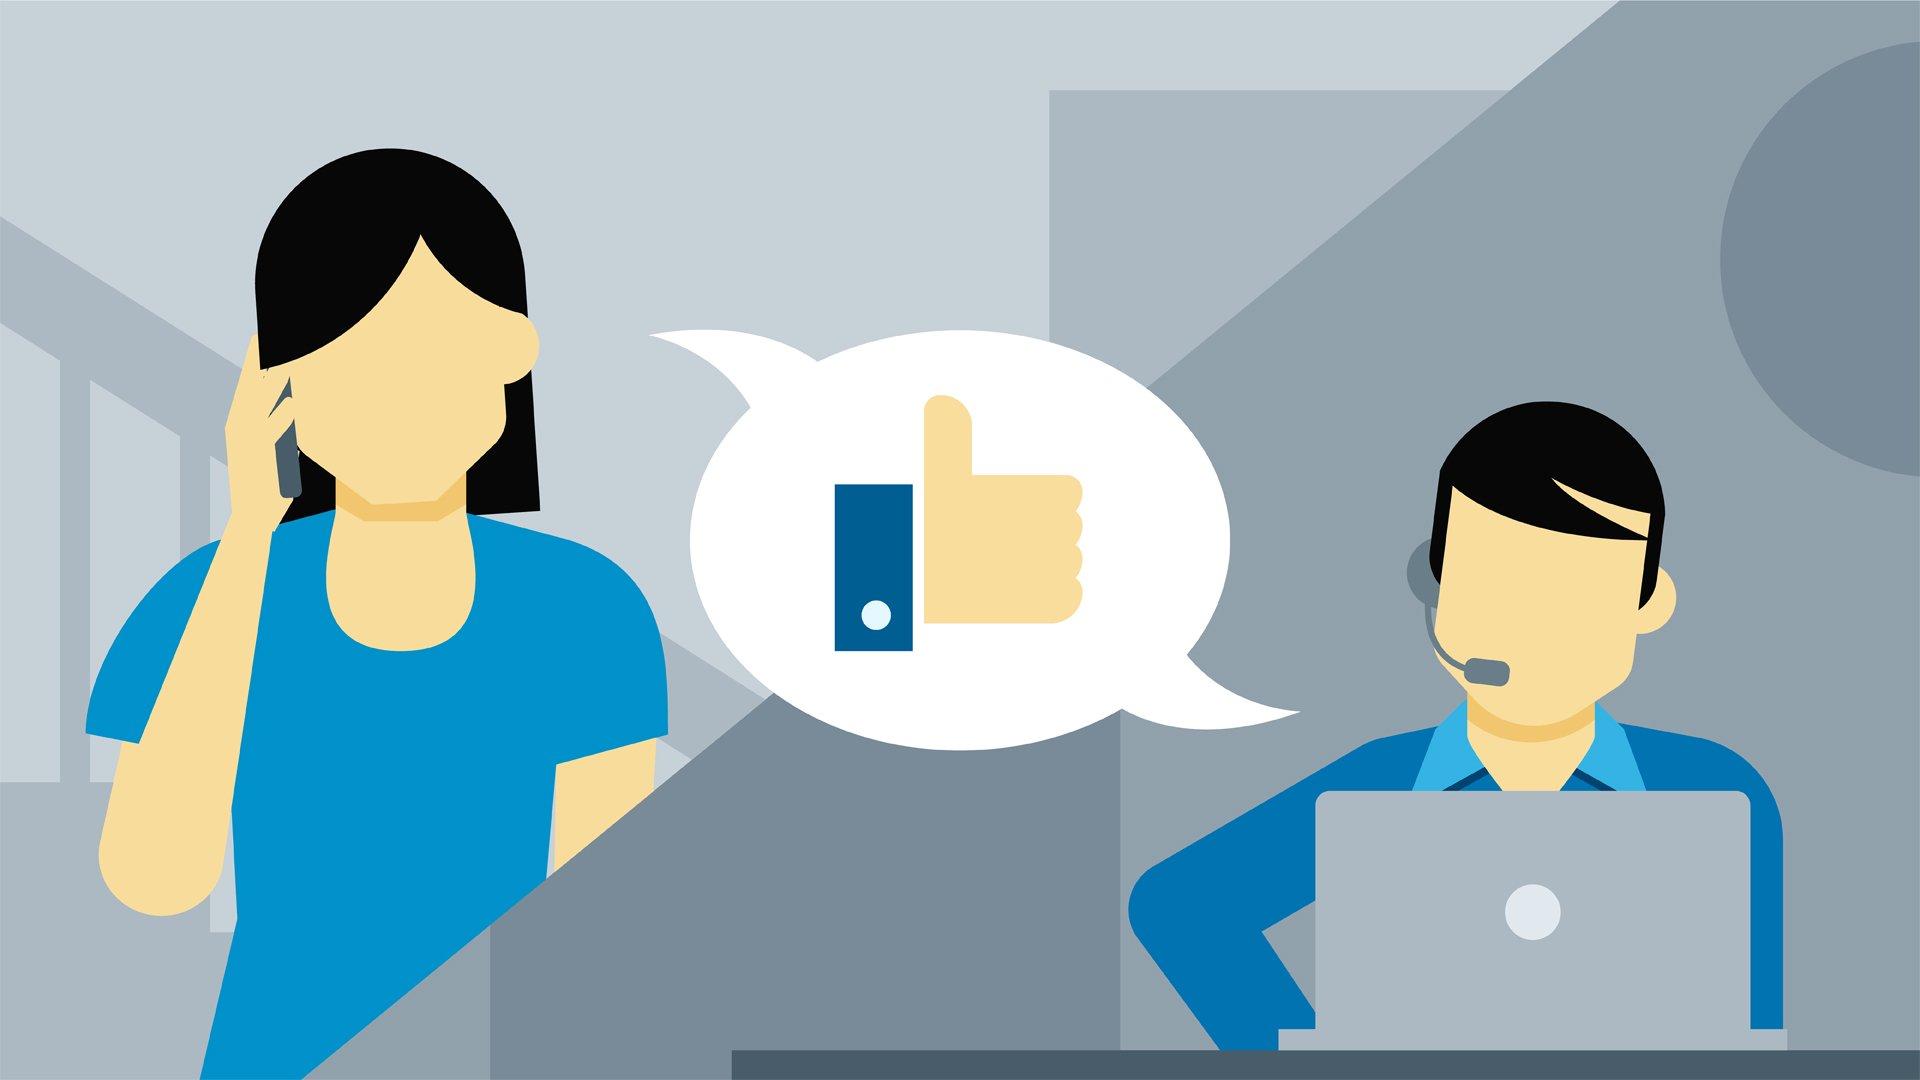 Trong trường hợp doanh nghiệp của bạn có tên tuổi và sản phẩm được nhận biết rộng rãi thì khách hàng sẽ muốn nghe những gì bạn nói qua điện thoại